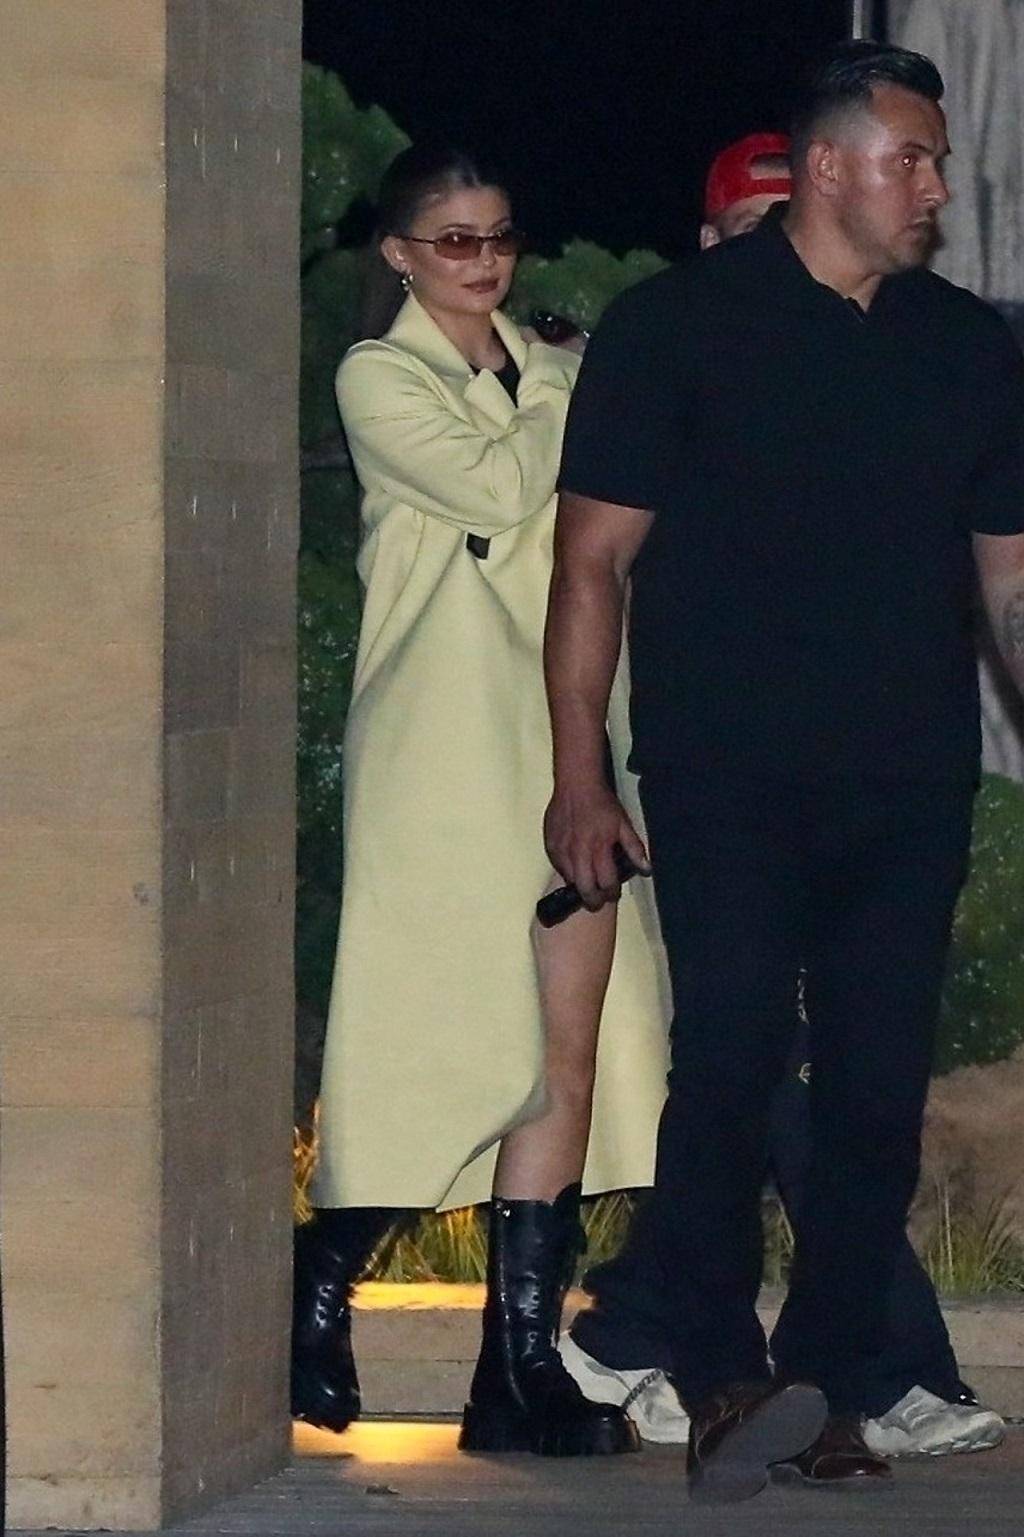 Kylie Jenner w długim płaszczu wychodzi z kolacji z tajemniczym mężczyzną.